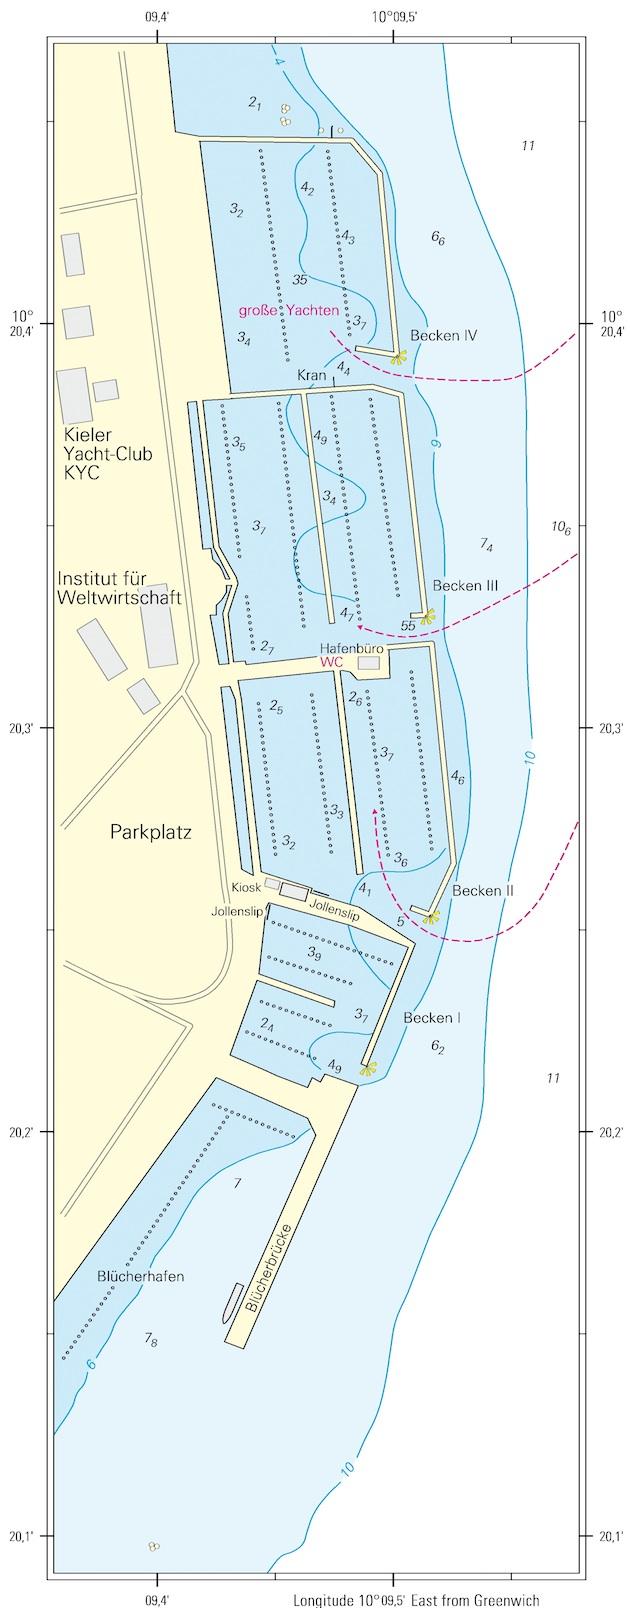 Die betroffenen Häfen ©sporthafen kiel.de